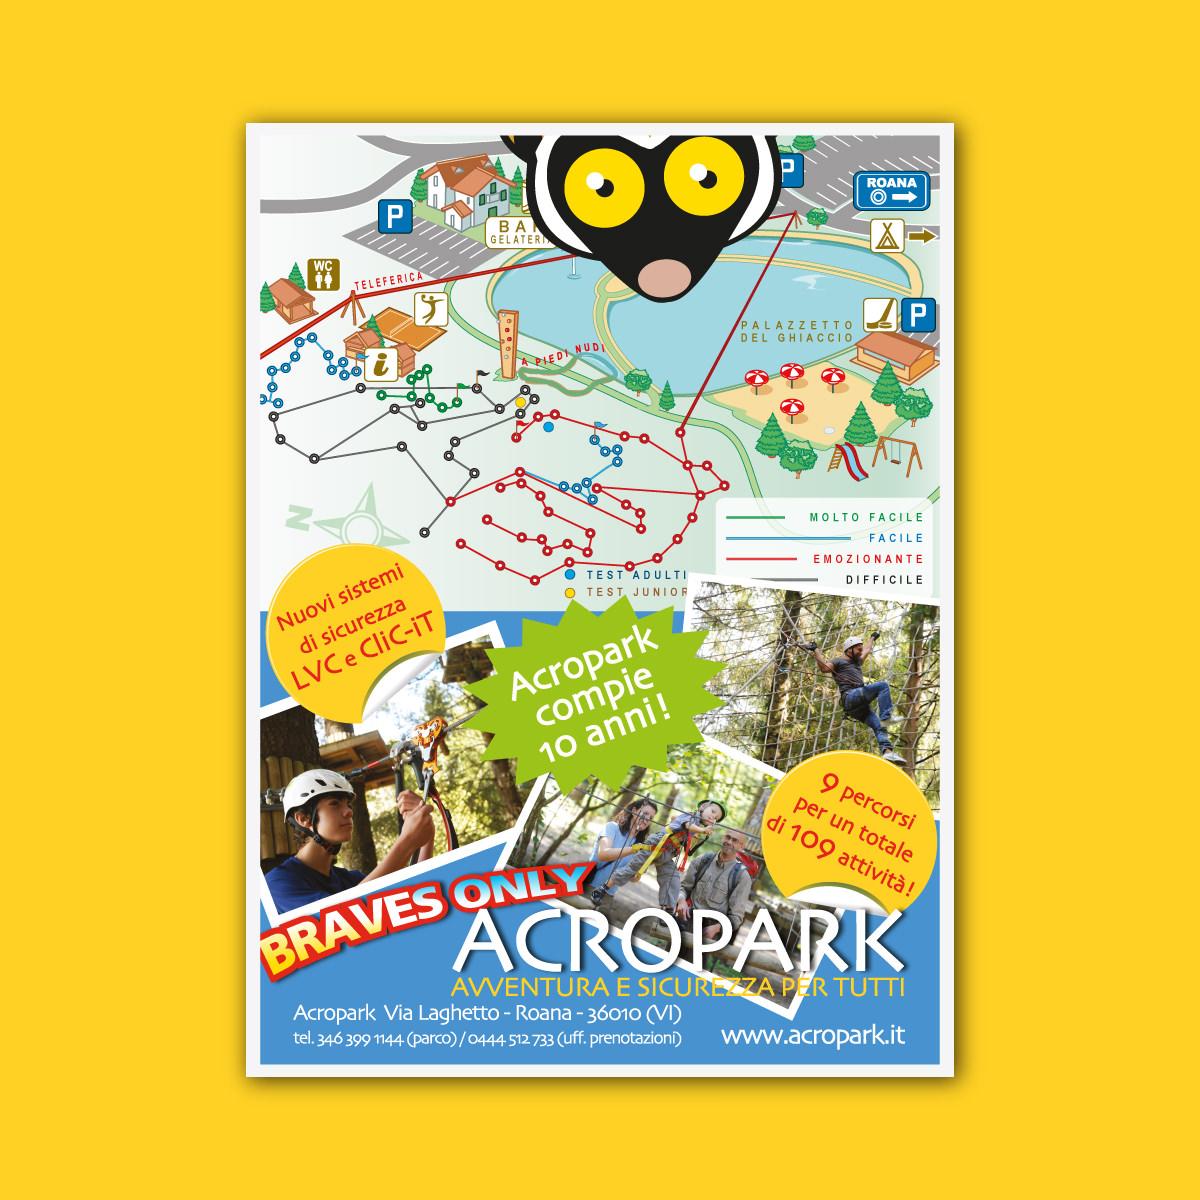 Anteprima dell'inserto pubblicitario di Acropark per la rivista Asiago Dove